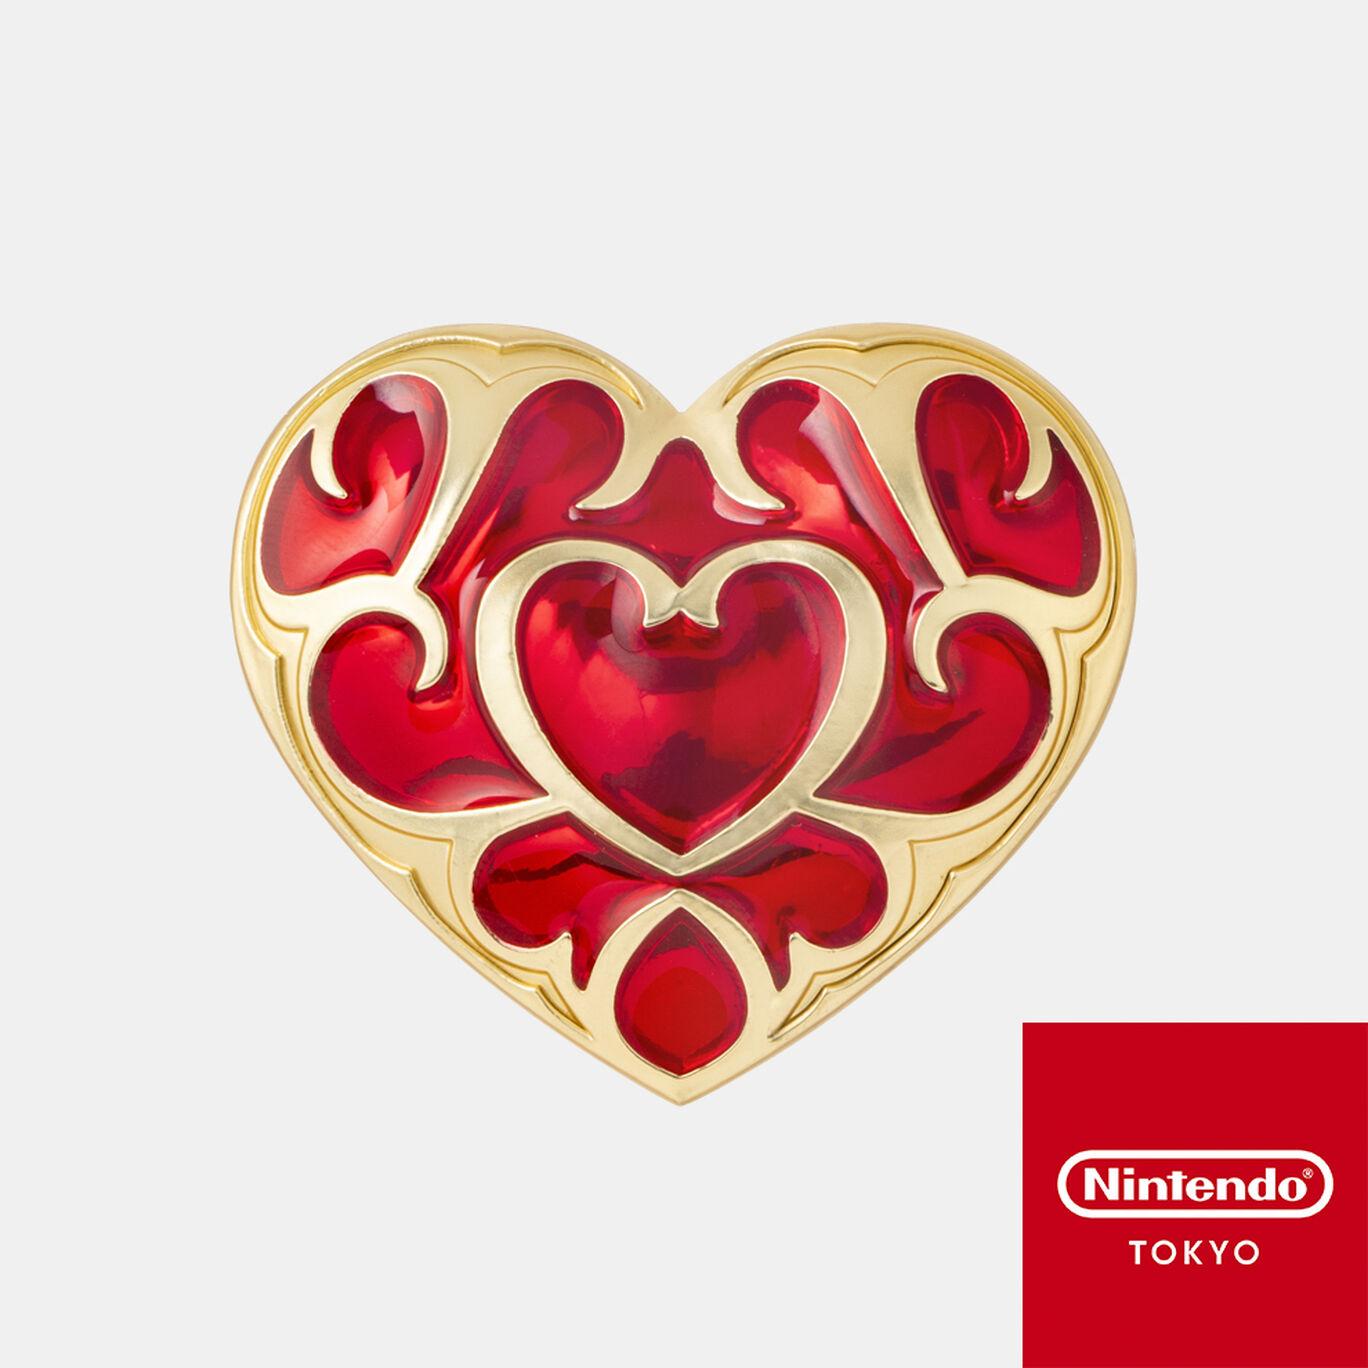 ピンズ ゼルダの伝説 C【Nintendo TOKYO取り扱い商品】